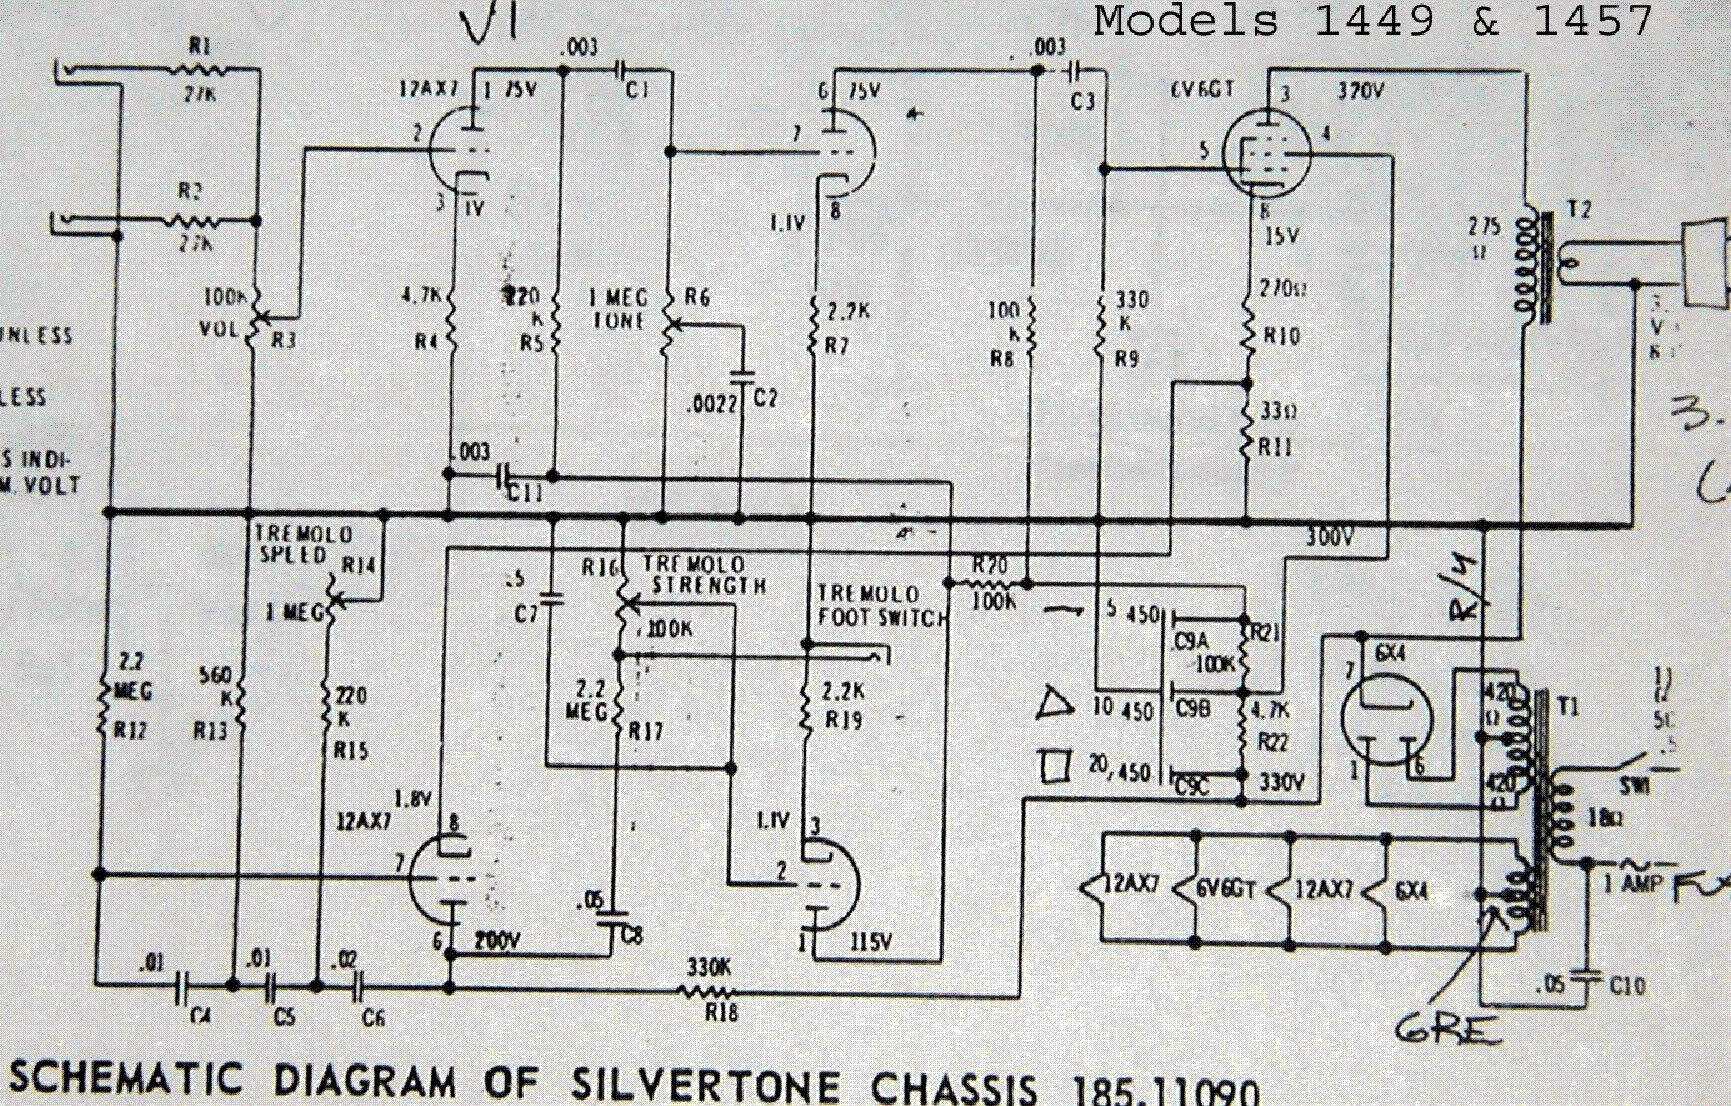 silvertone 1471 sch service manual schematics silvertone 1449 1457 sch